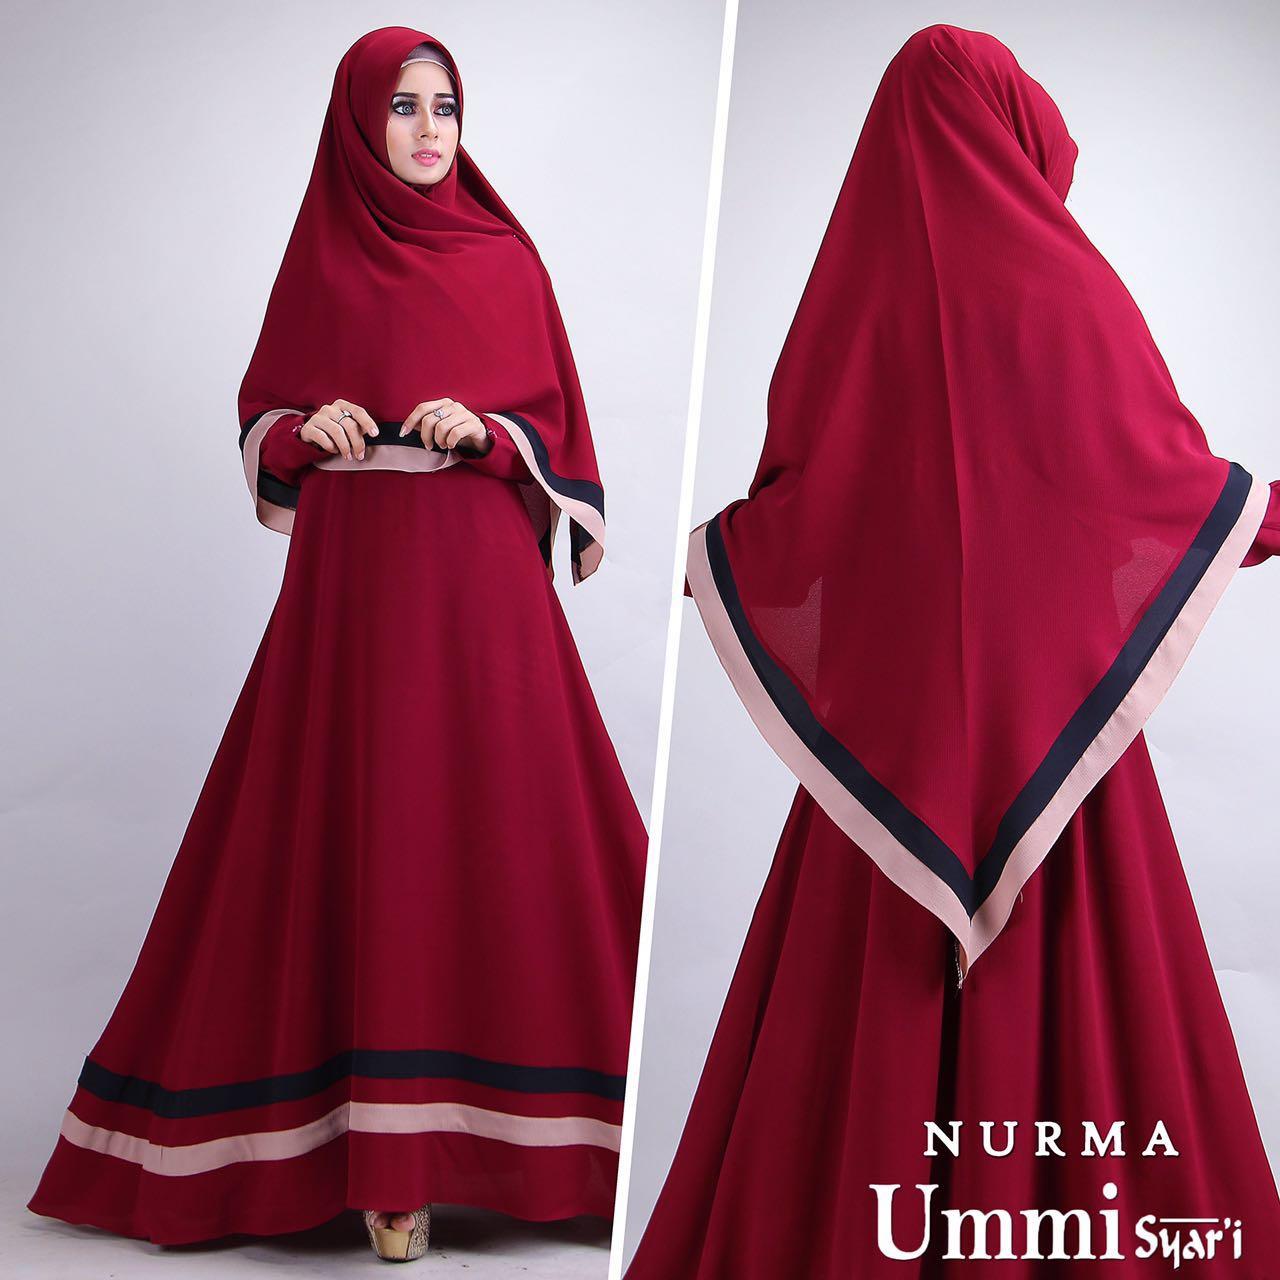 Cuci Gudang Baju Gamis Jersey Nurma Syari Red Murah Difa Store